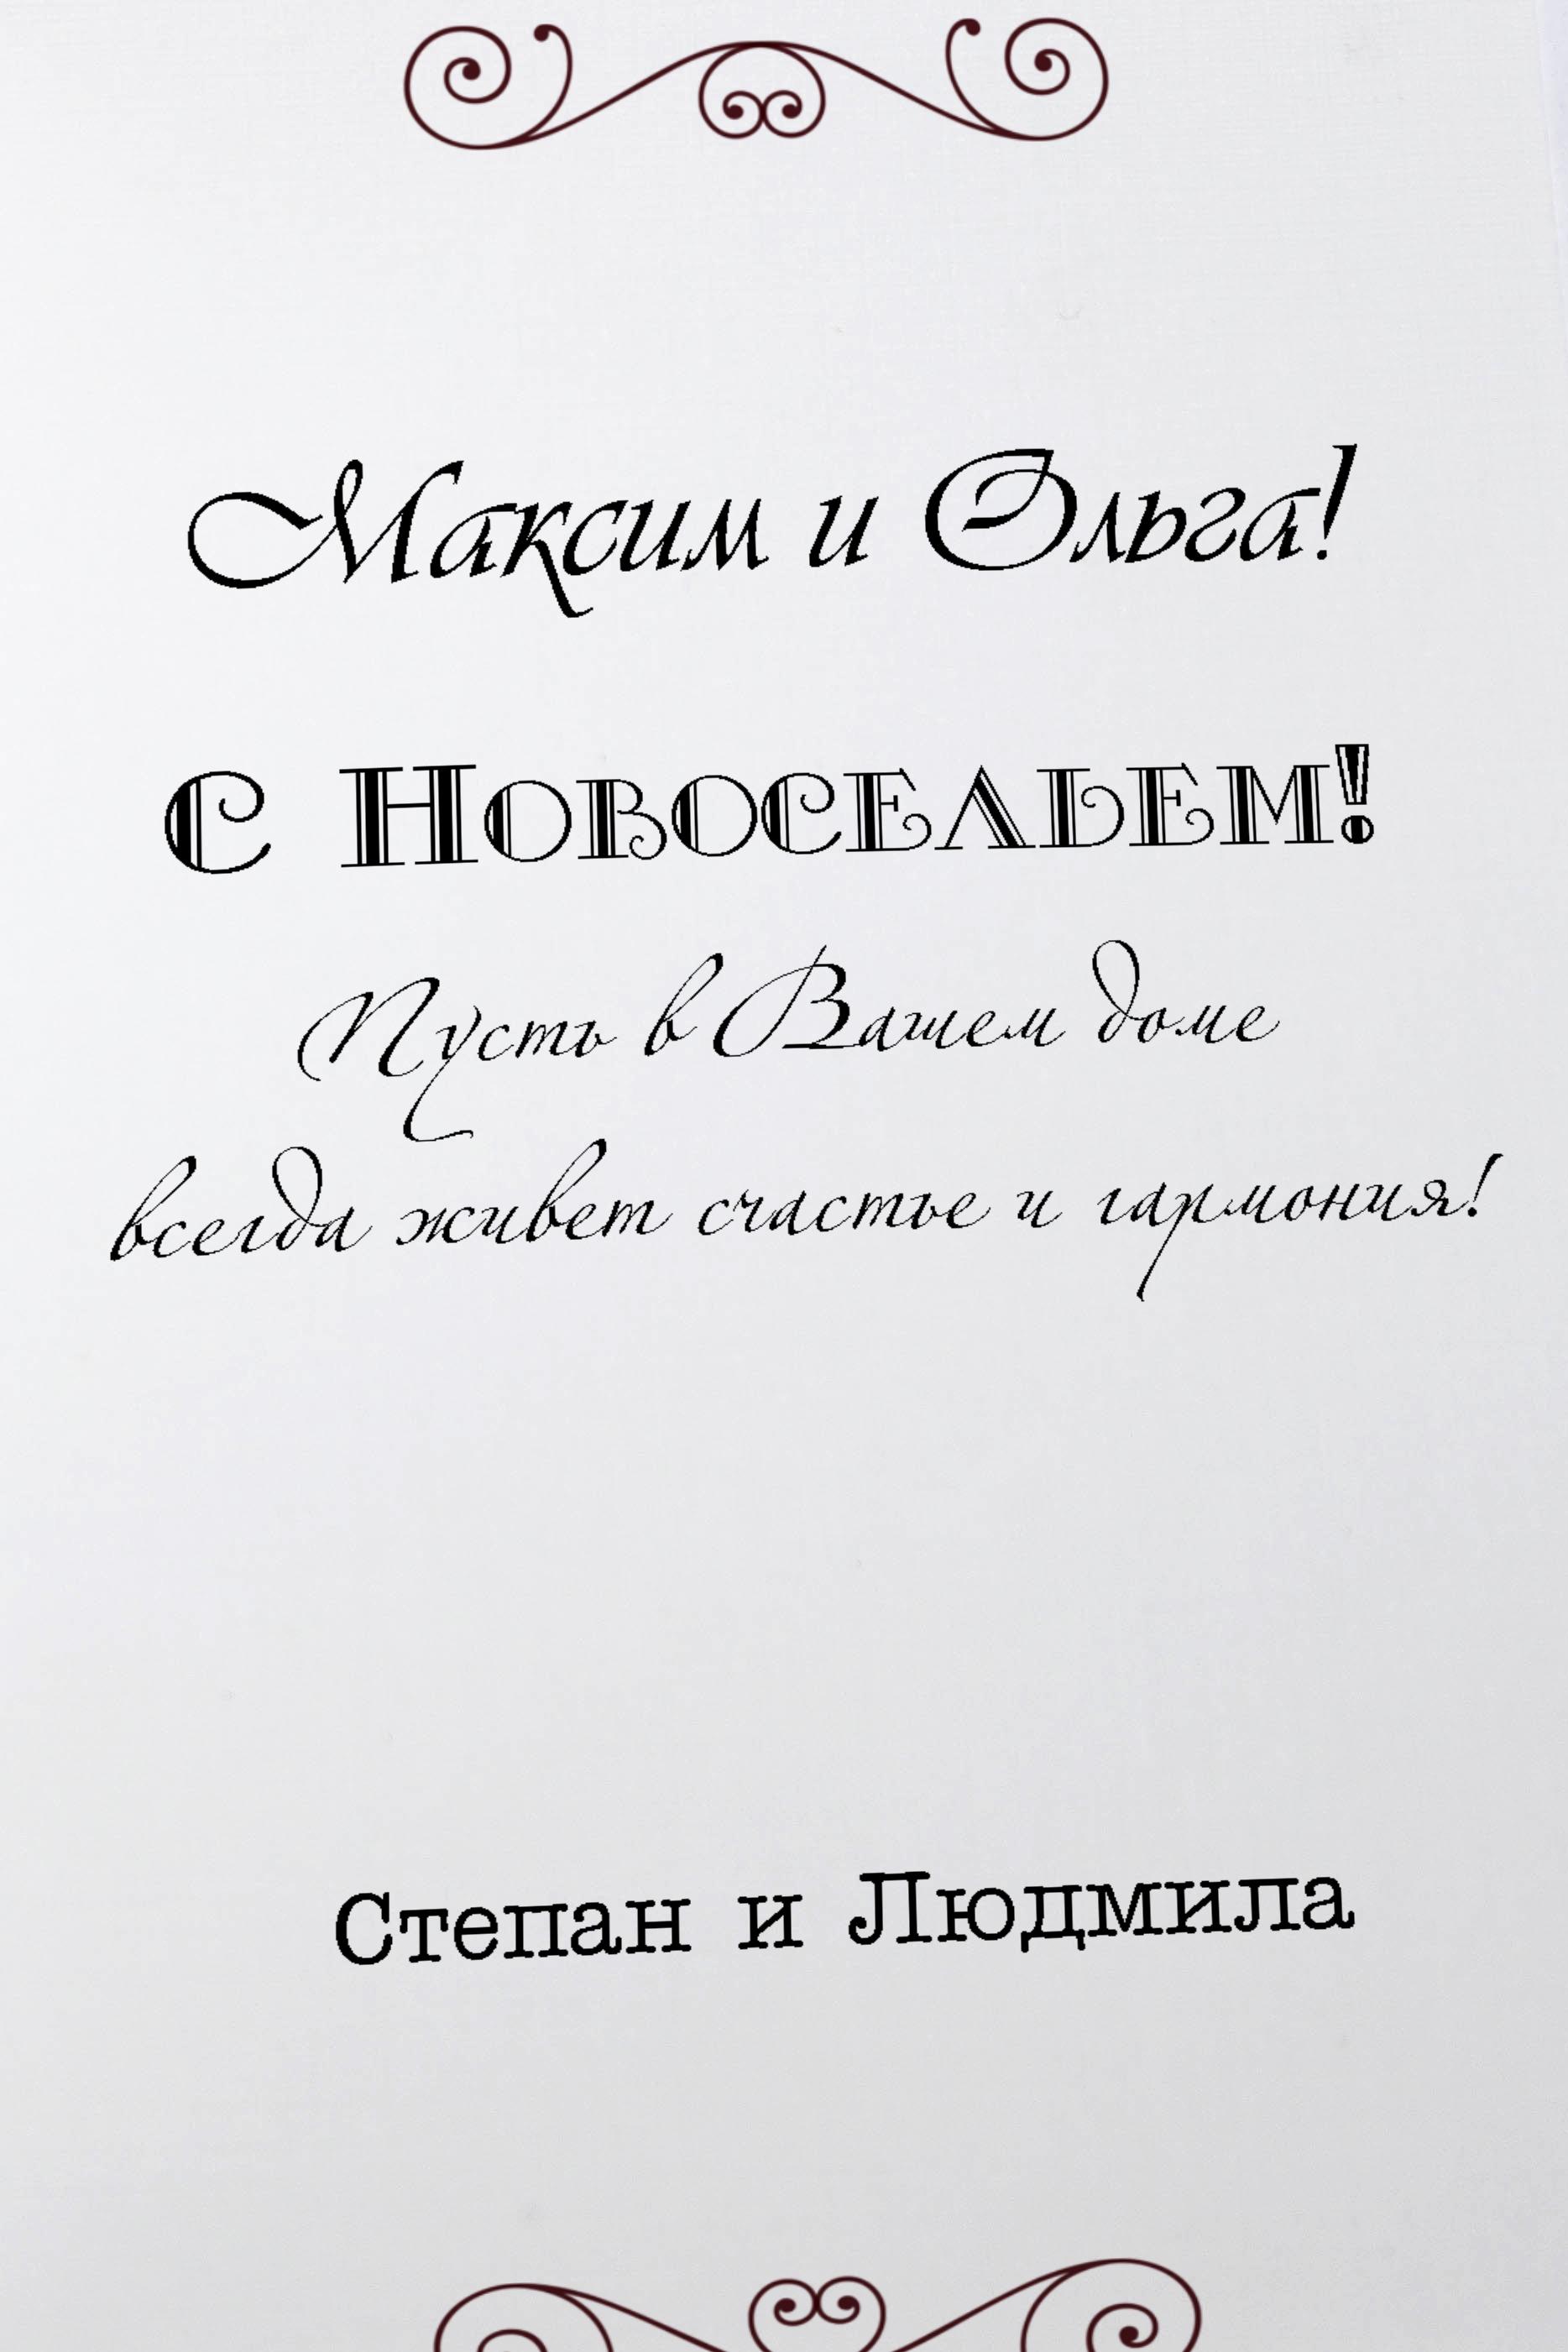 """Открытка двойная """"С новосельем"""" - 3"""